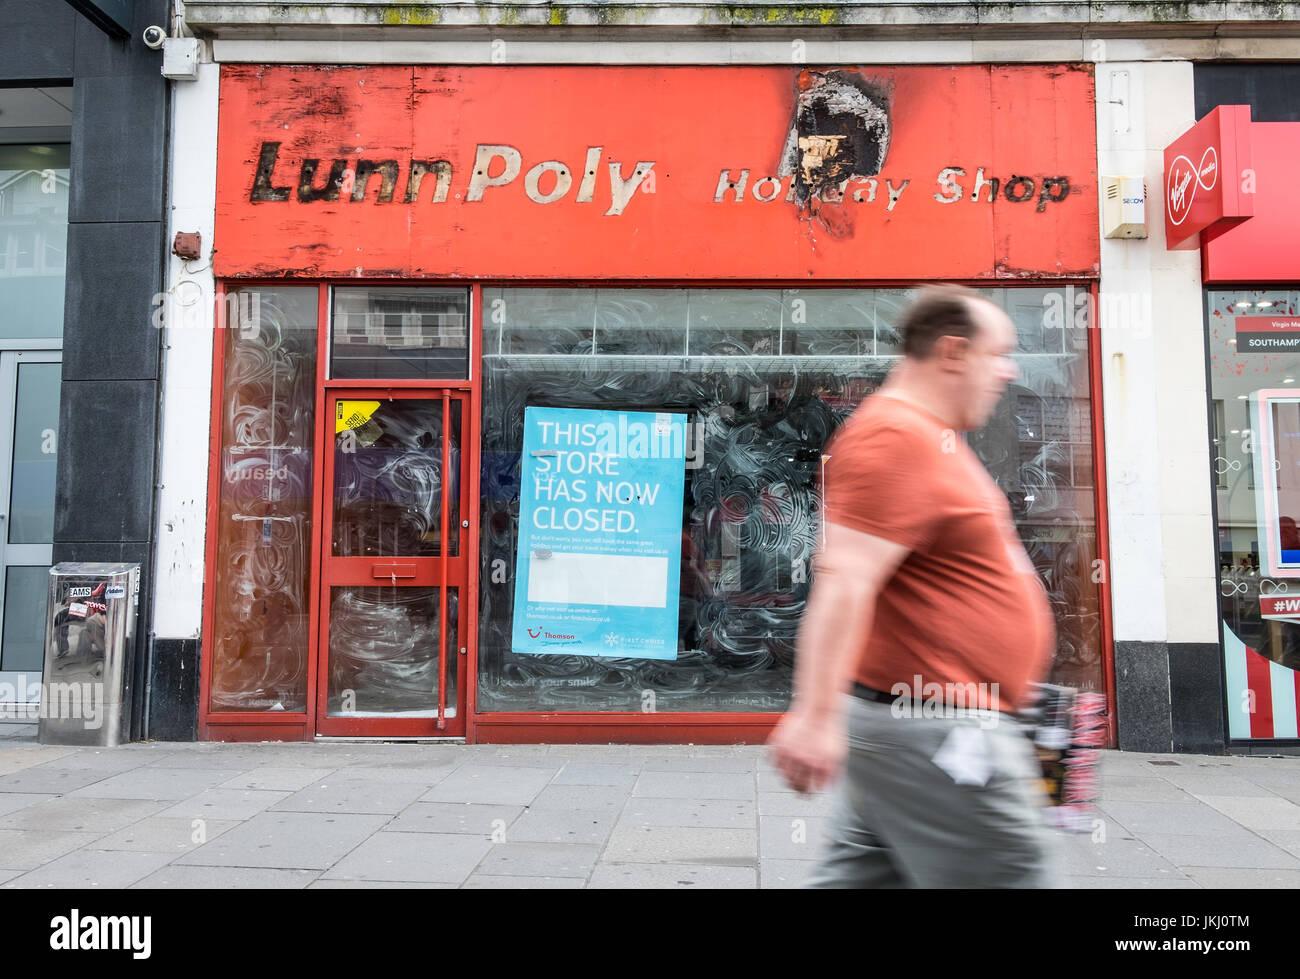 Arresto agente di viaggio shop in Southampton High Street Immagini Stock